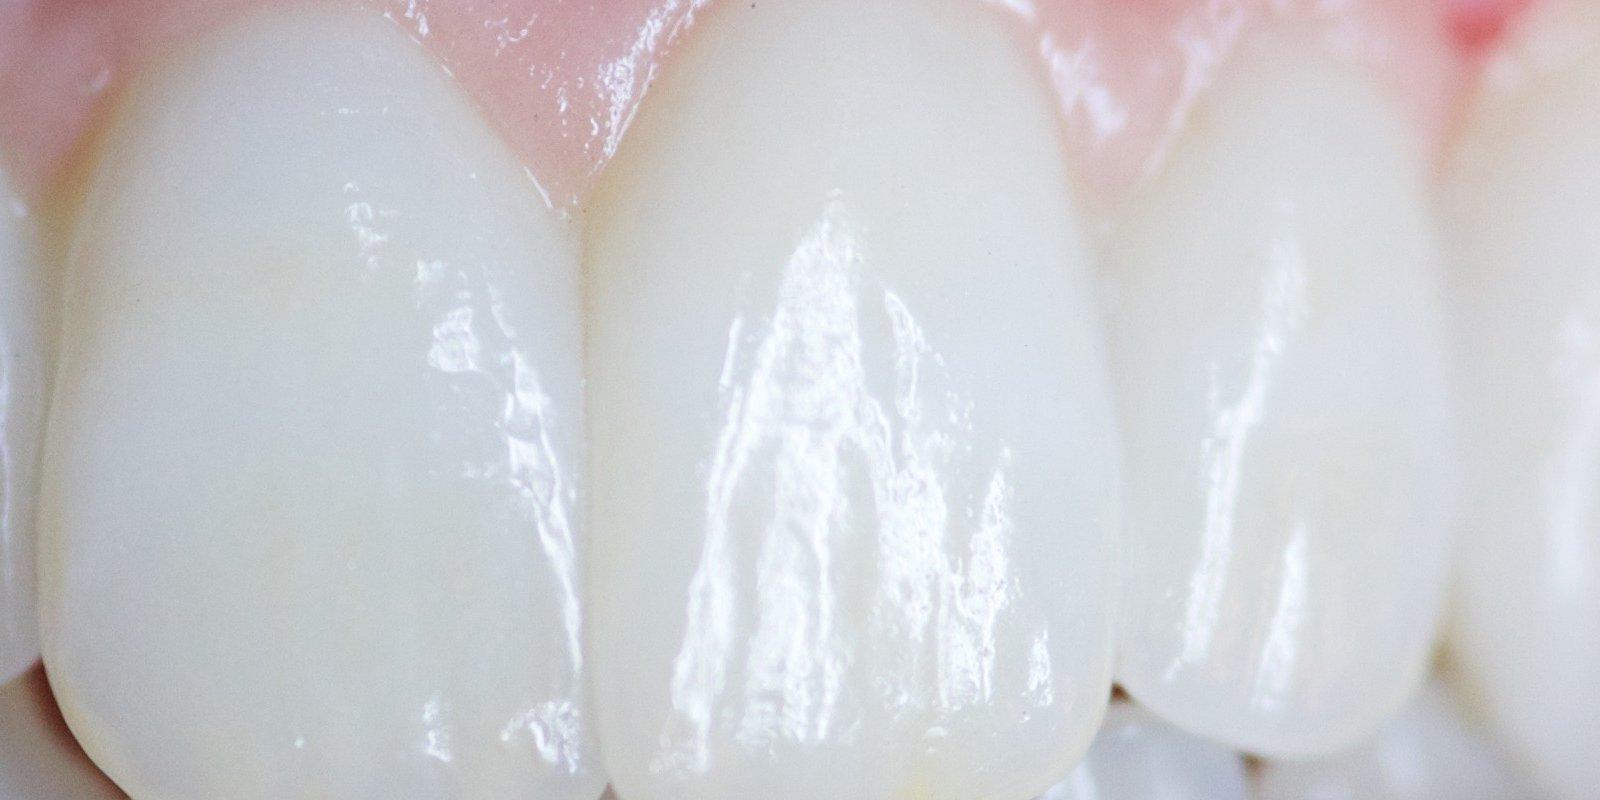 Keramisk tandbro med 4 tænder. Erstatter ægte ødelagte tænder. Fremstillet i zirkon. Designet af tandtekniker